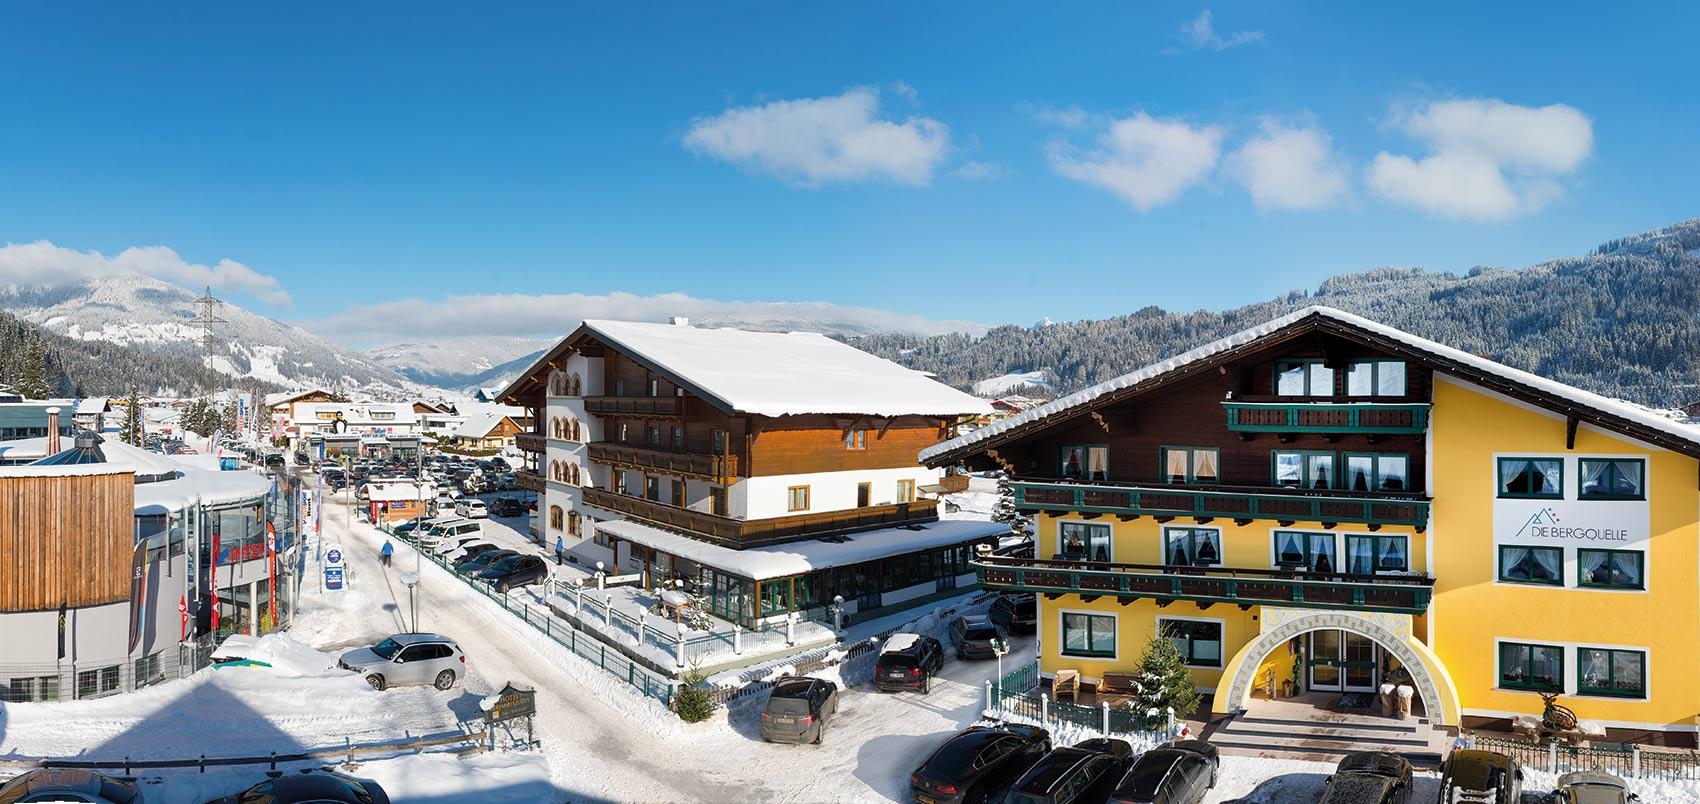 BB Hotel Bergquelle Flachau Salzburg Austria